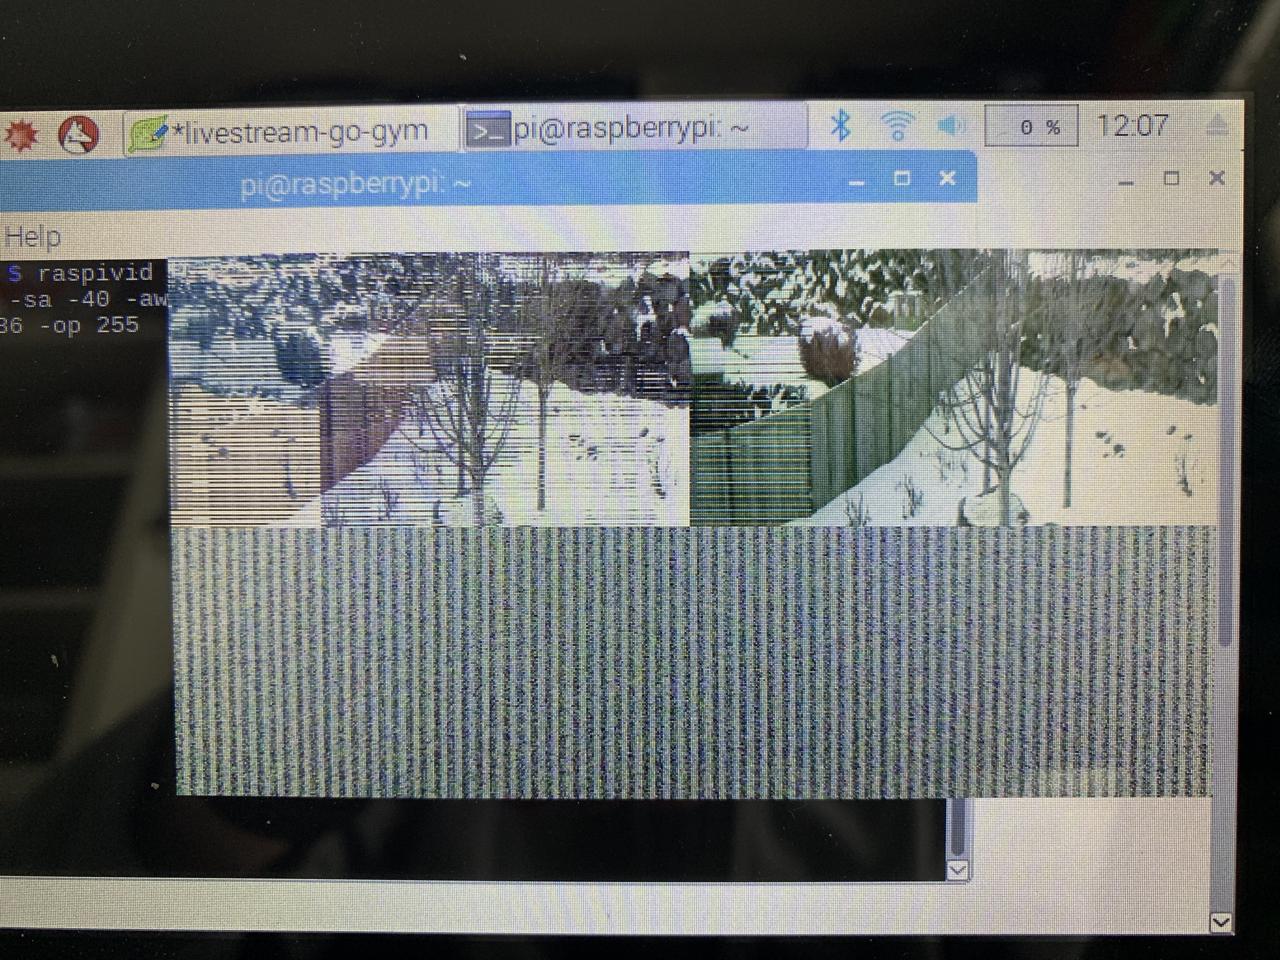 Scrambled video signal